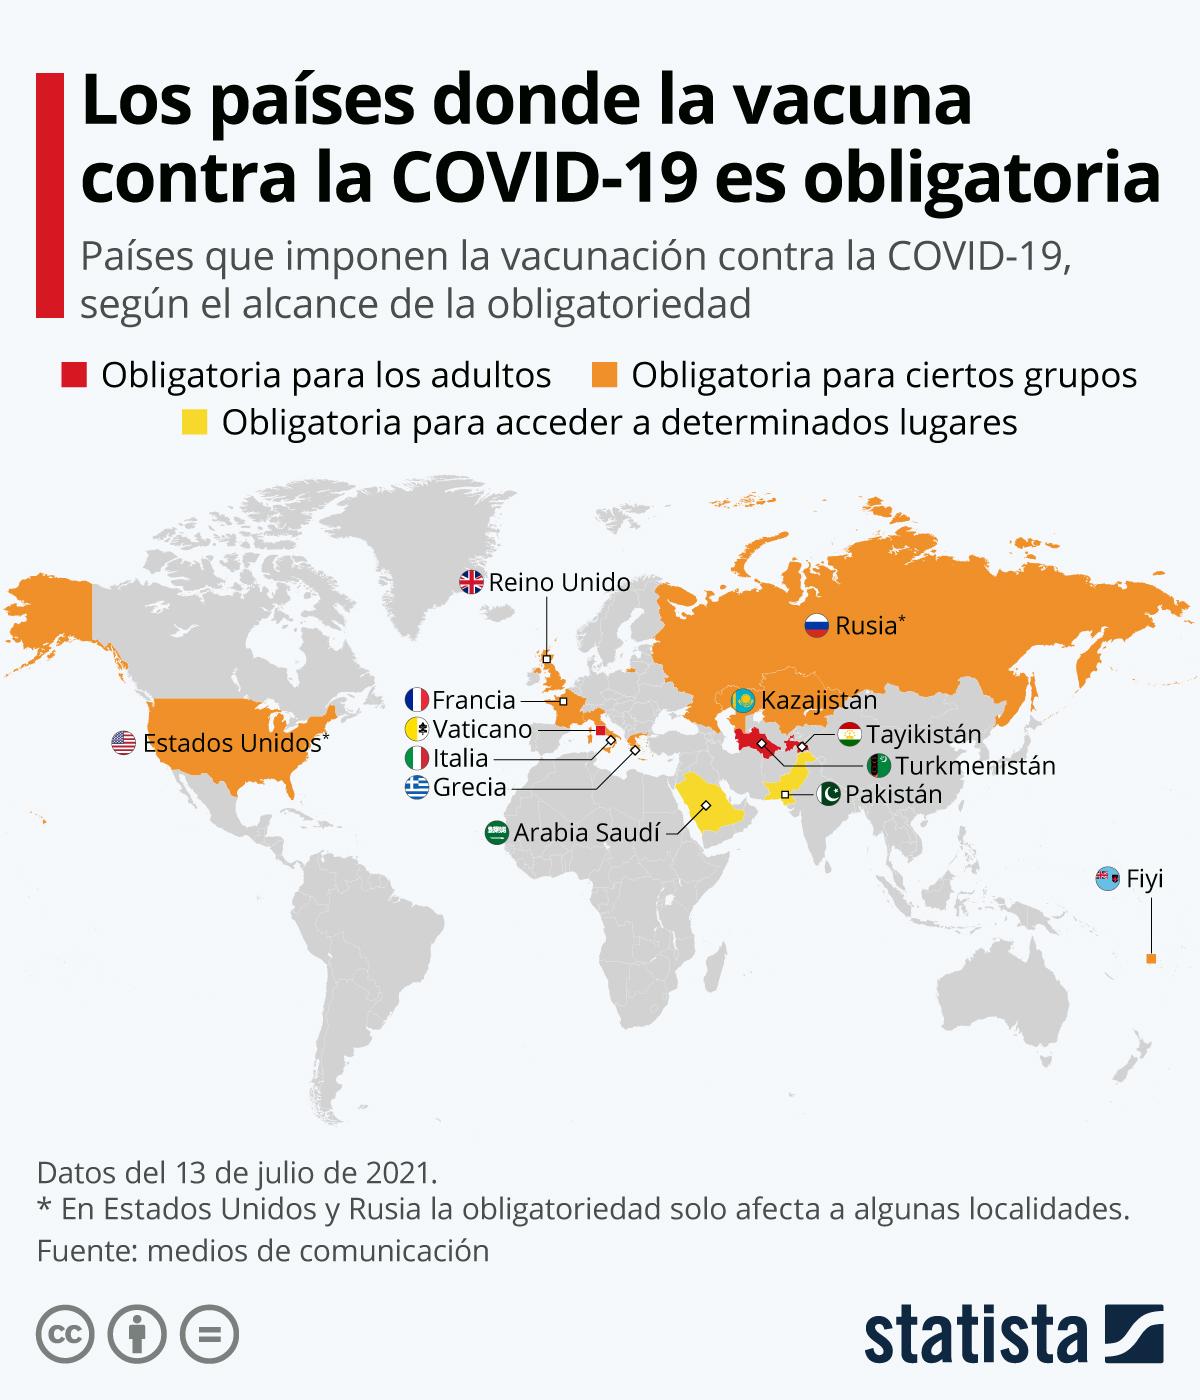 GRÁFICA: Países donde la vacuna contra la Covid-19 es obligatoria